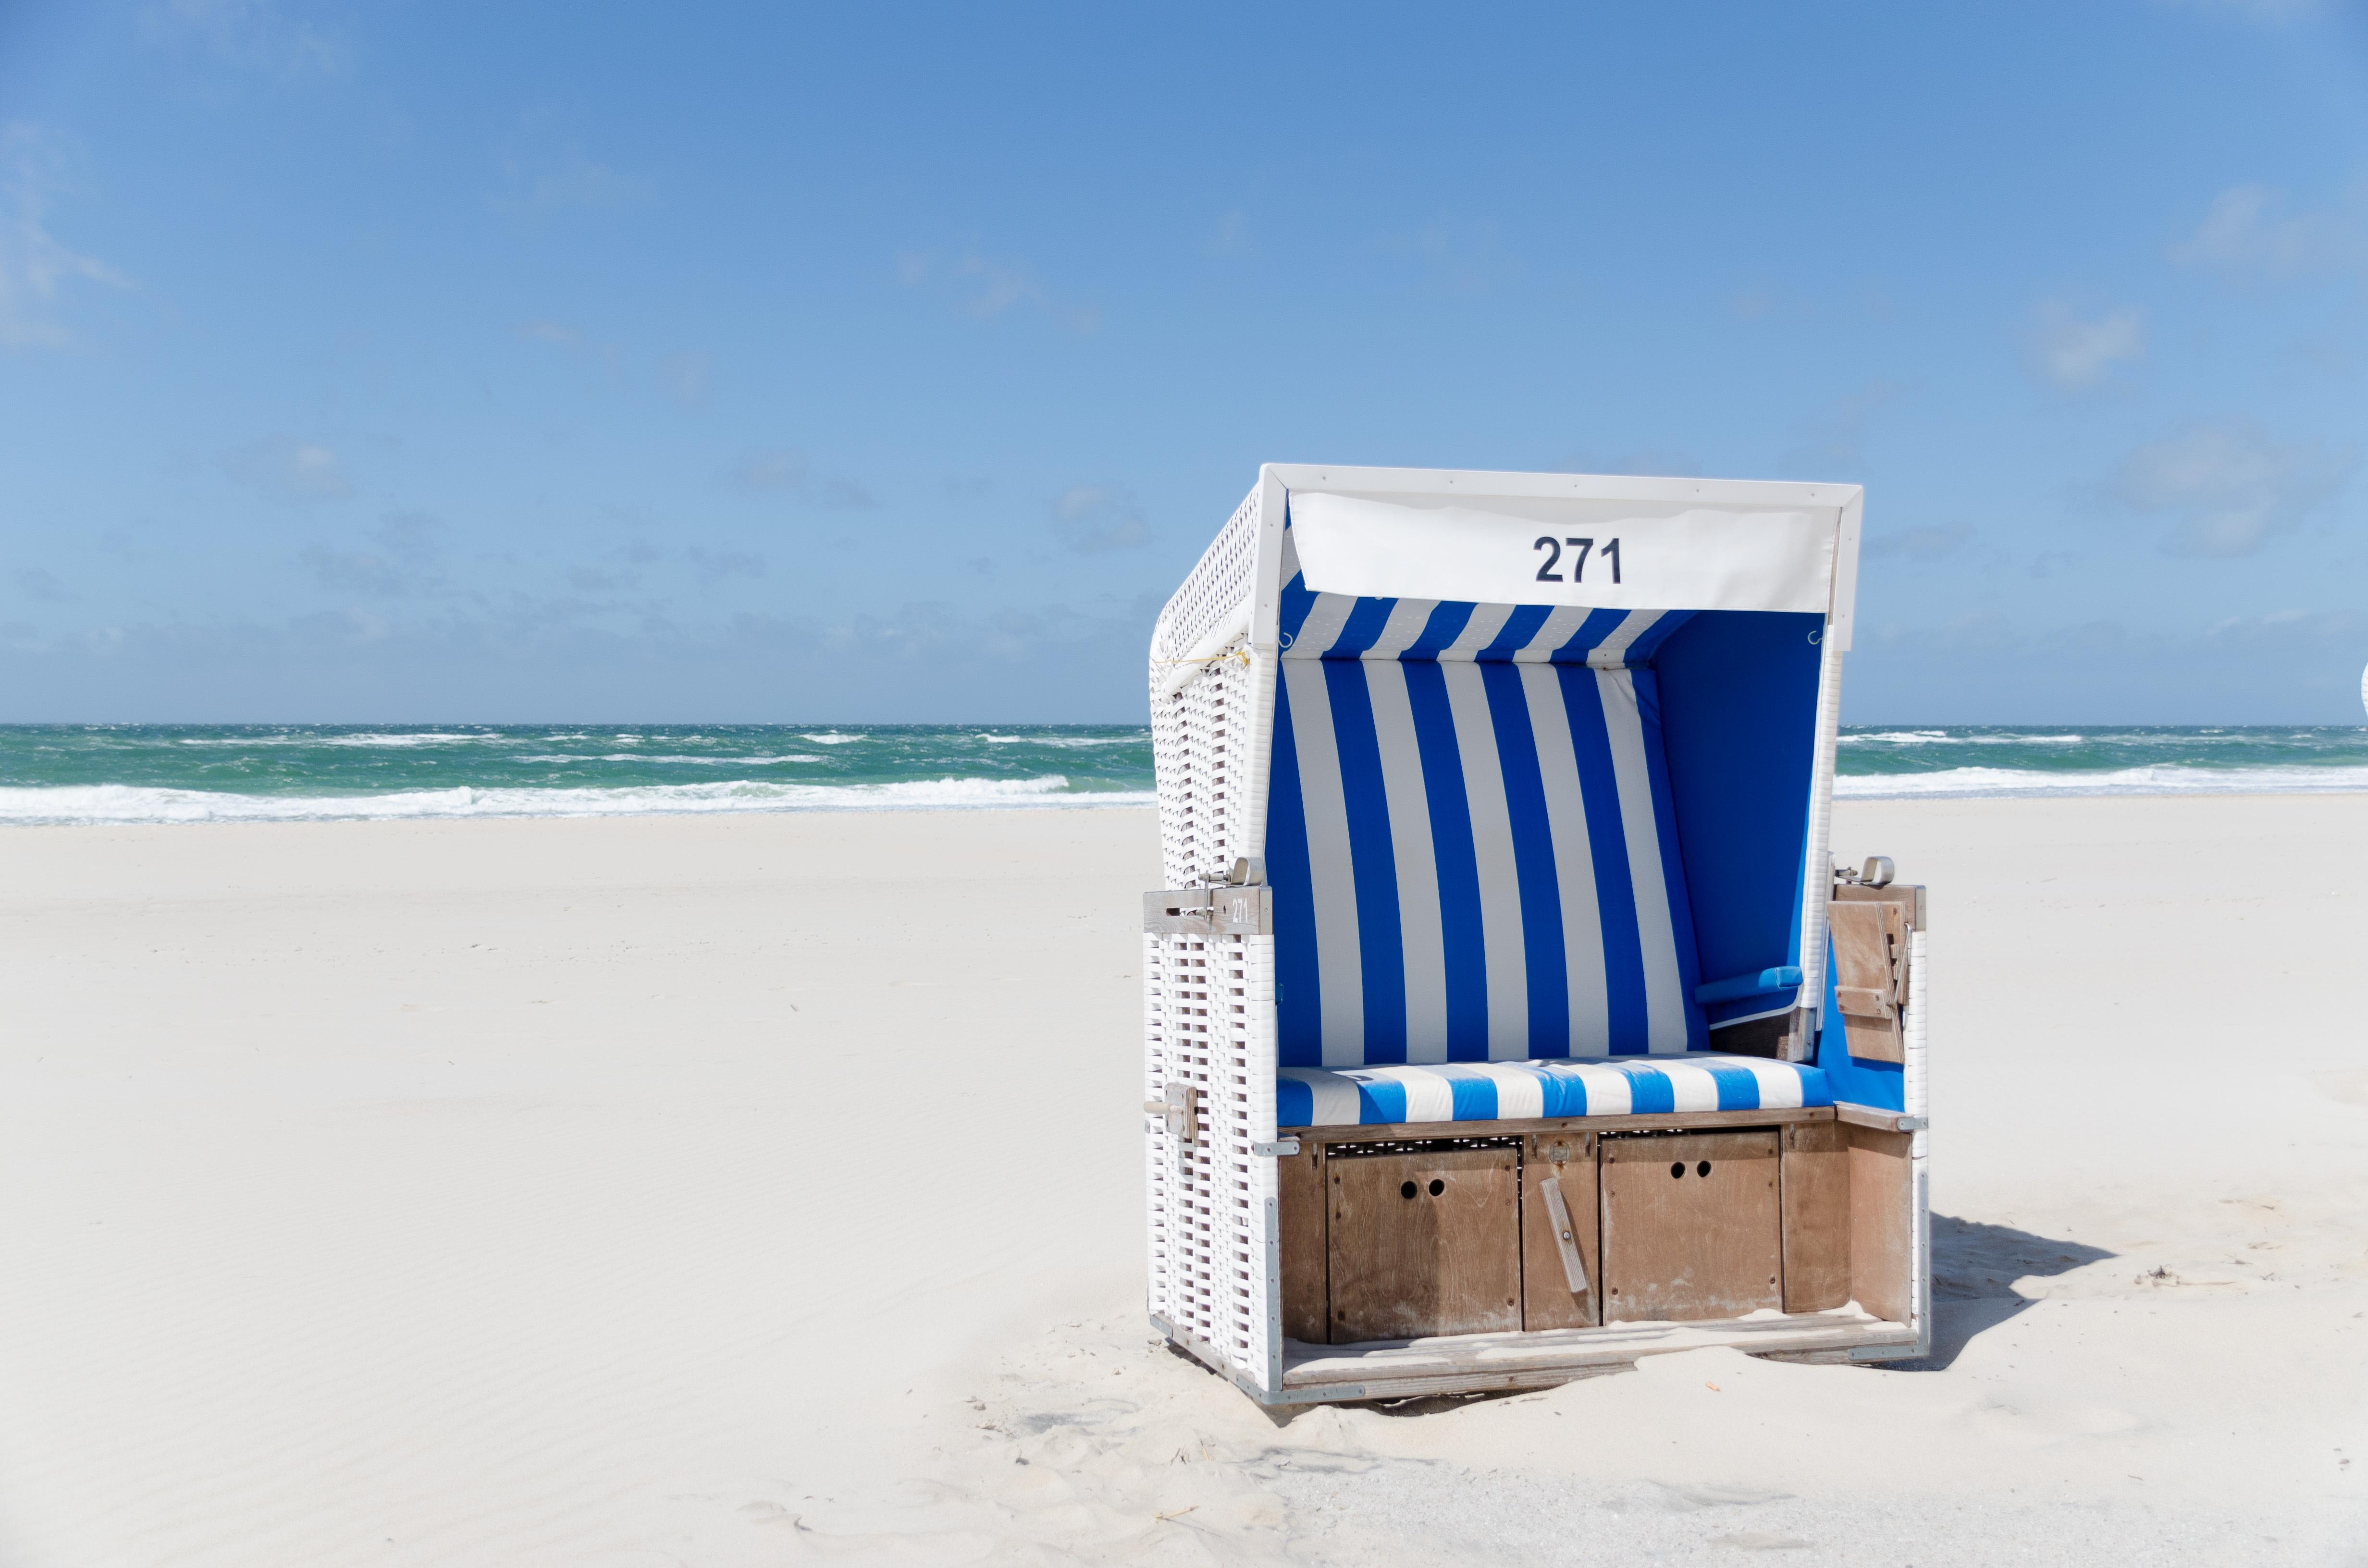 Fantastisk Bakgrundsbilder : hav, kust, vatten, natur, sand, himmel, sommar UK12